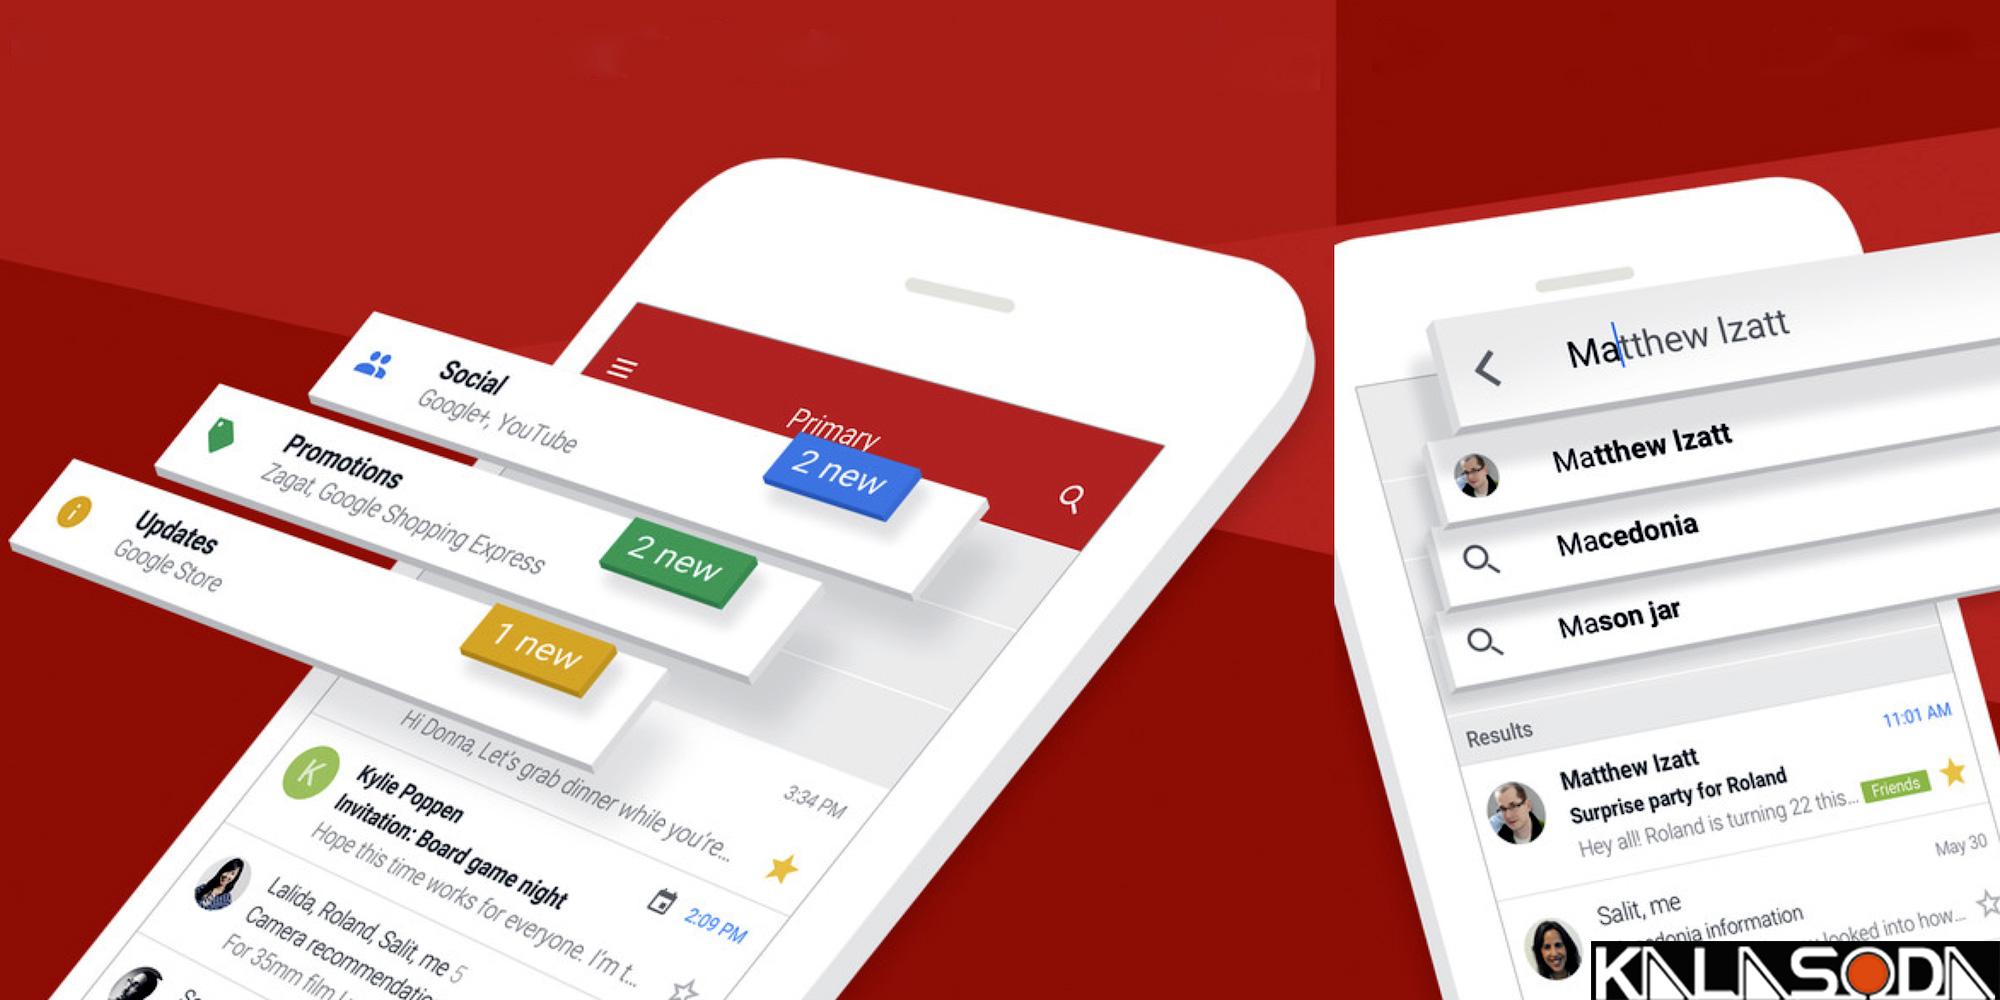 جی میل از نسخه به روز شده خود برای iphone X رونمایی کرد کالاسودا